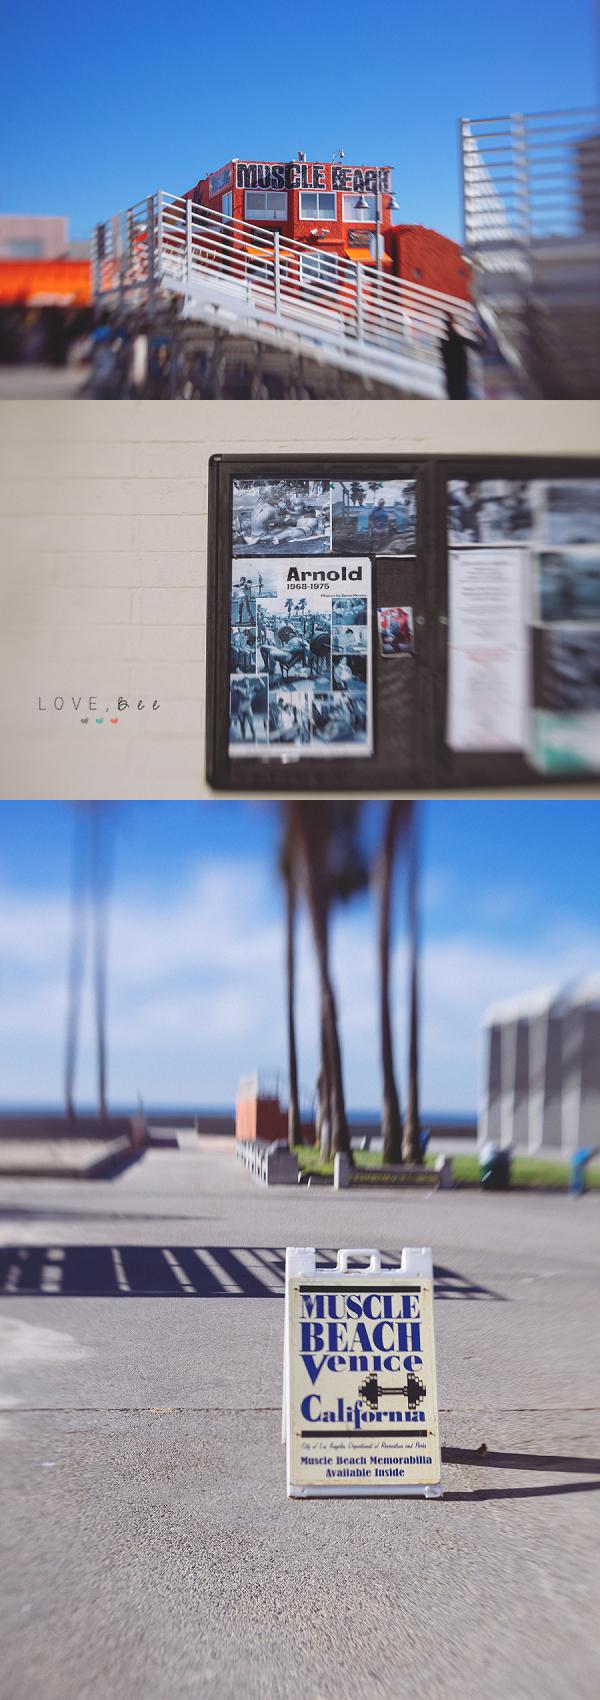 VeniceBeach-photography (7).jpg